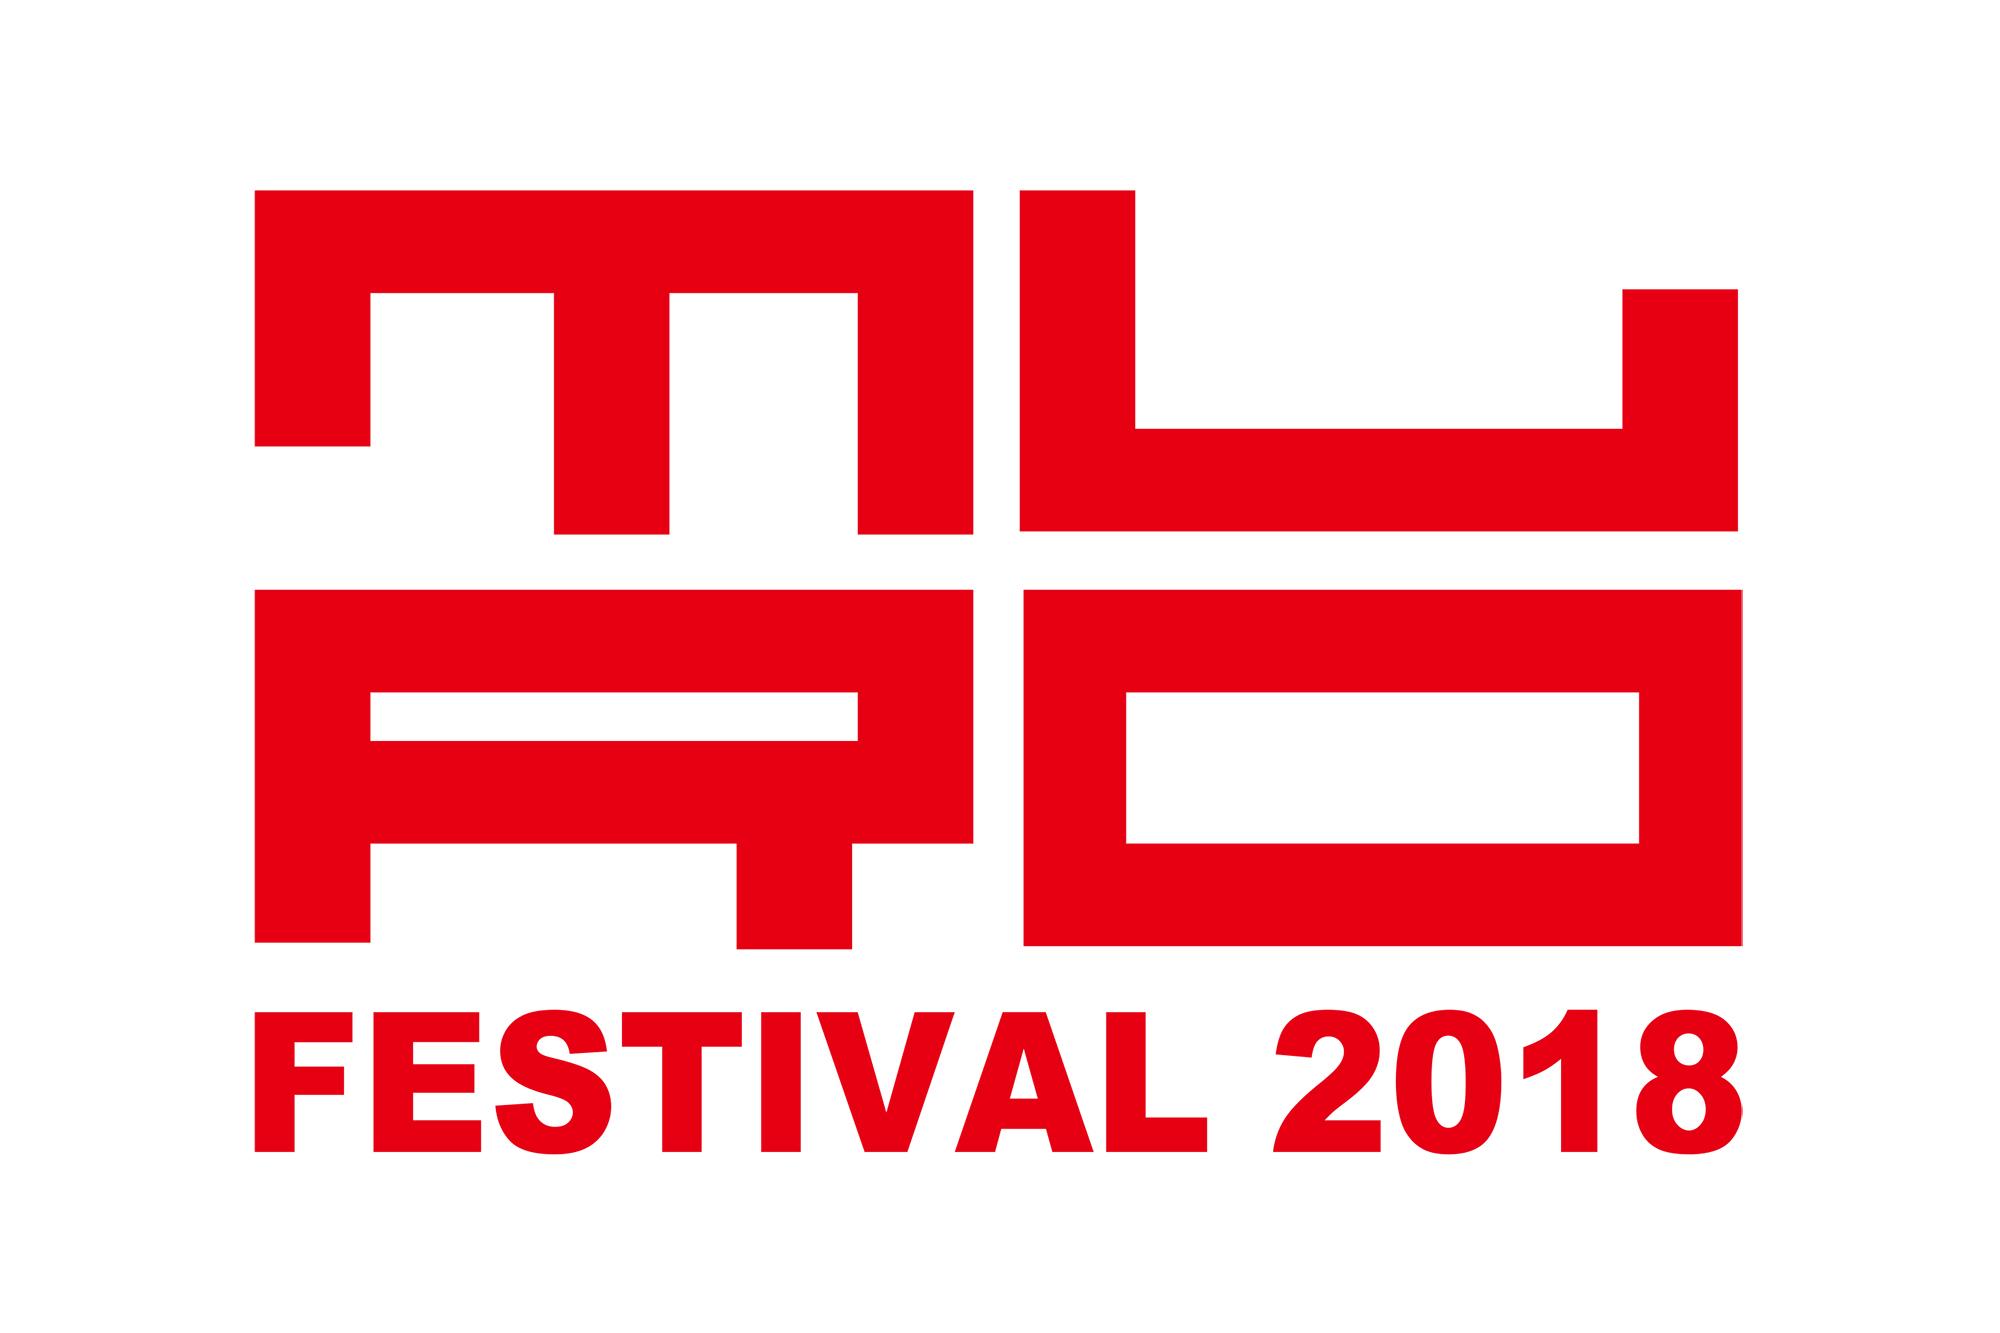 MURO FESTIVAL 2018